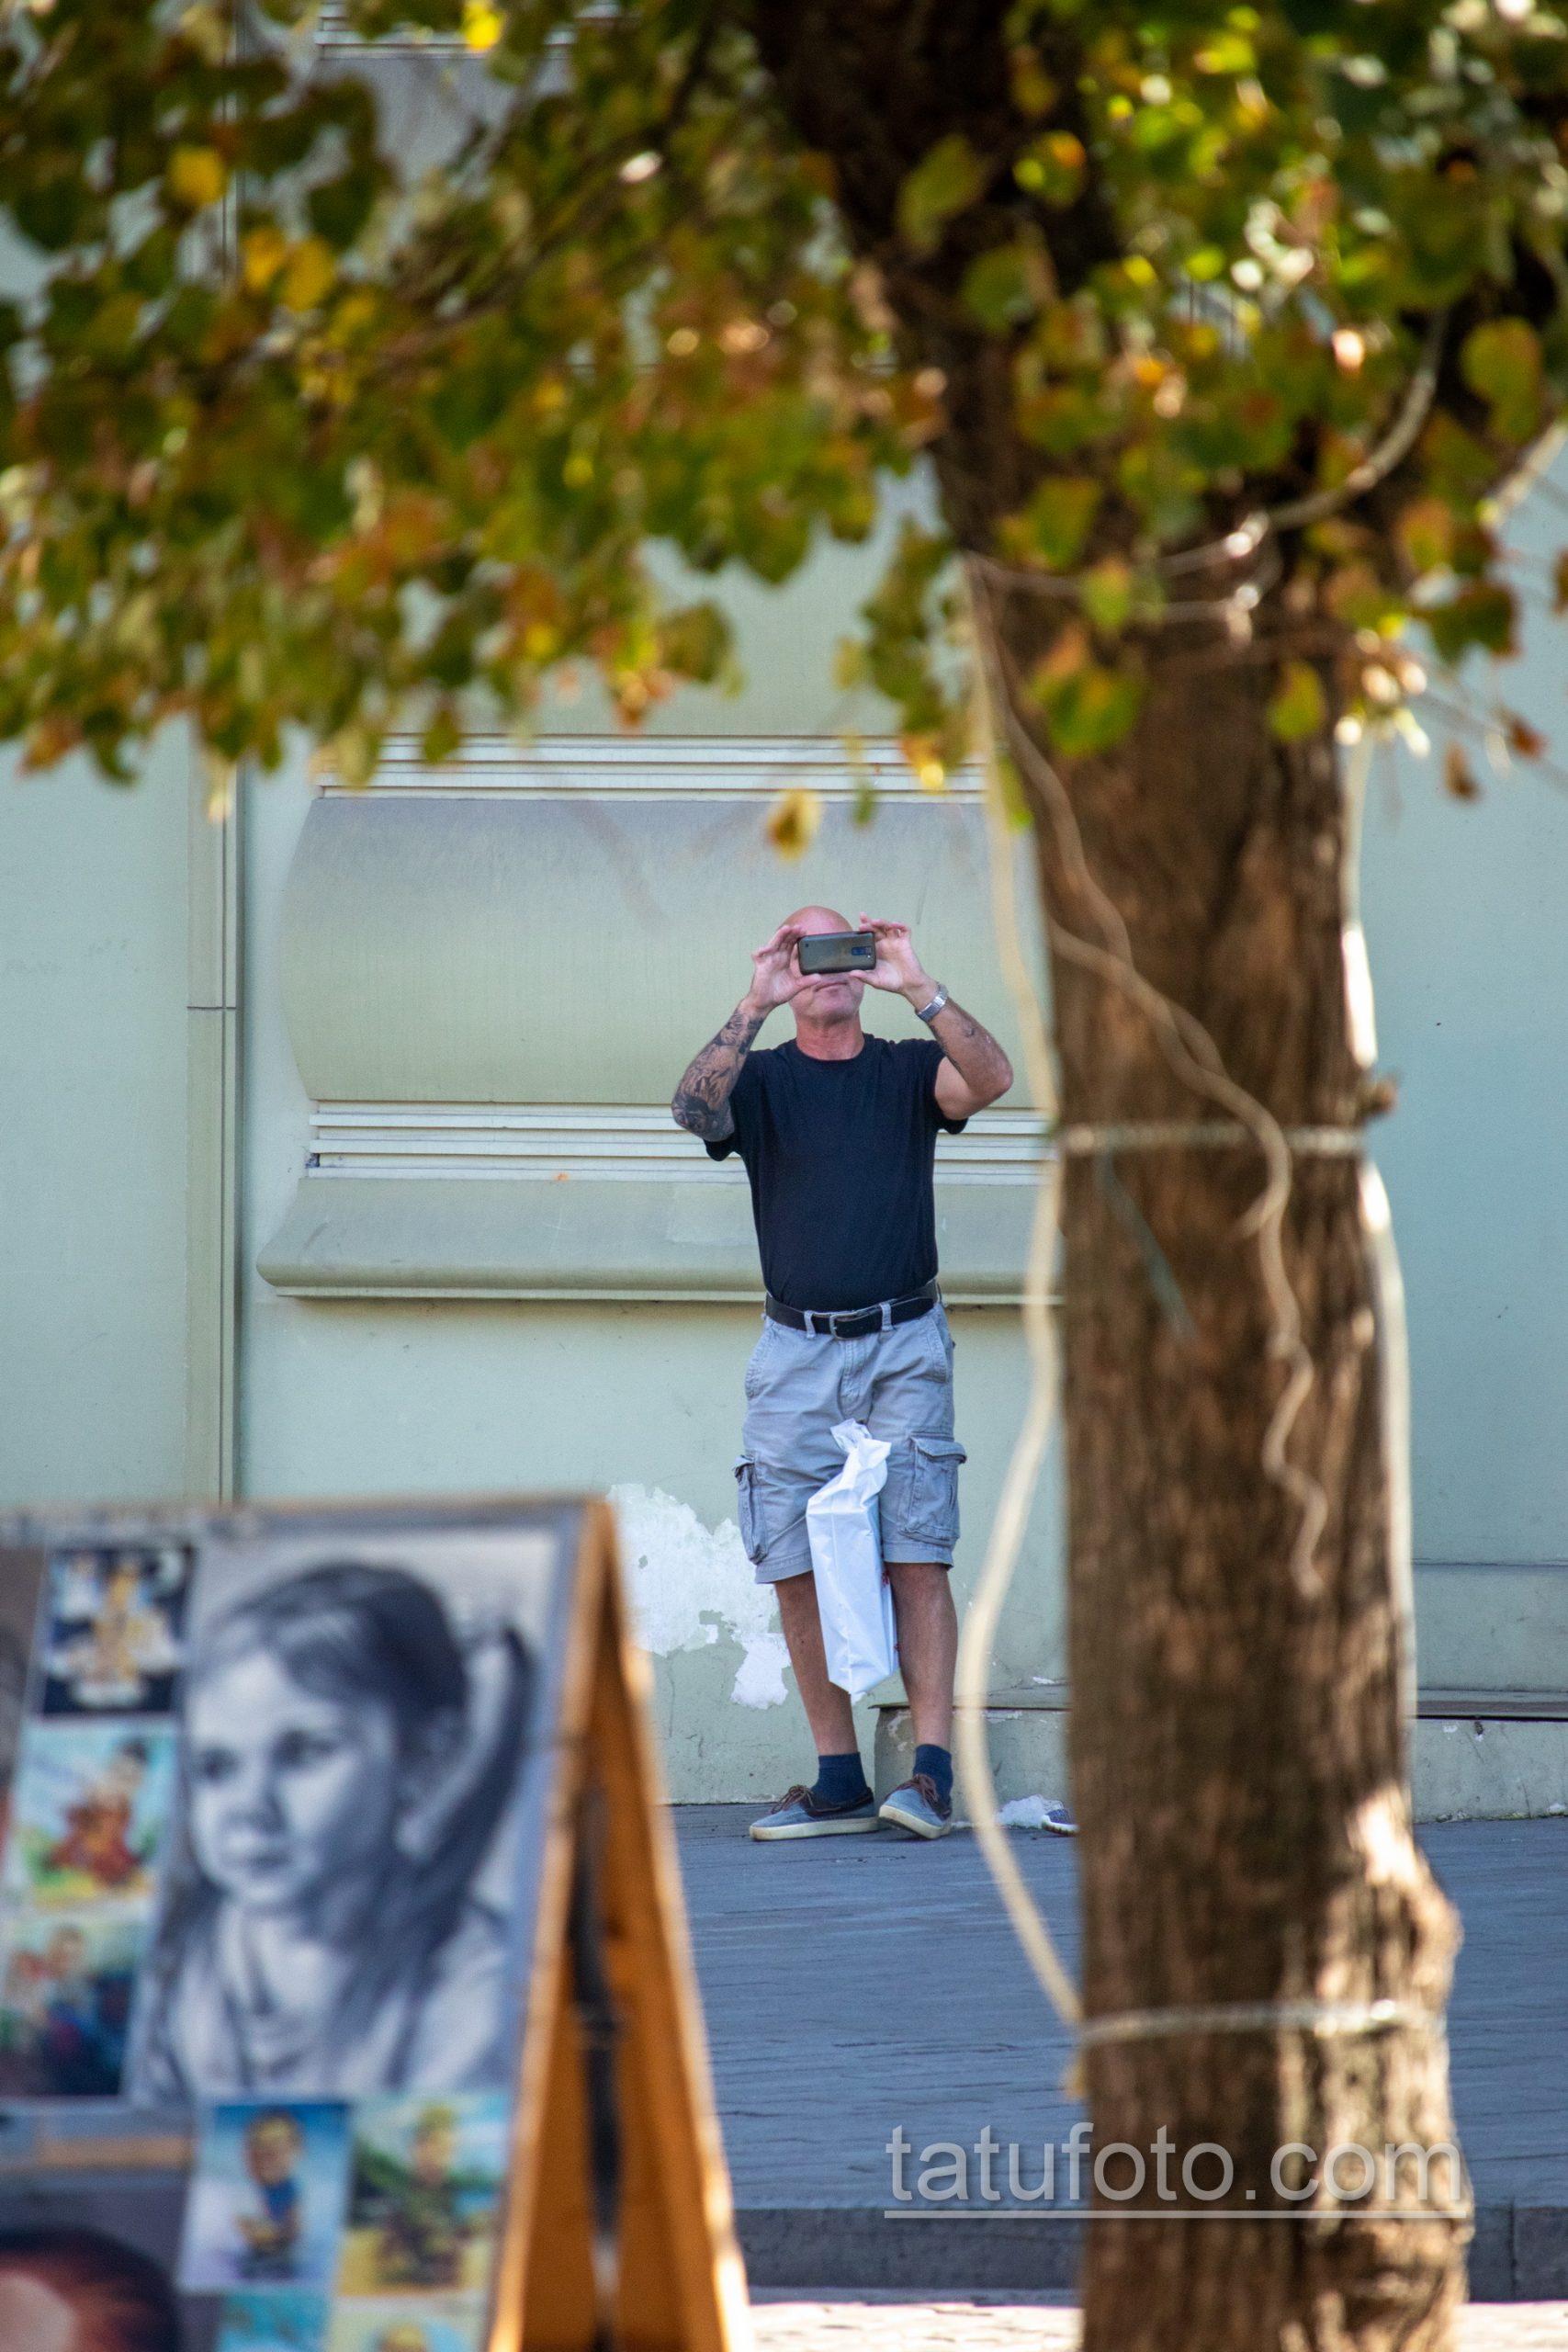 Рукав тату с часами и лицом девушки на правой руке взрослого мужчины - Уличная татуировка 14.09.2020 – tatufoto.com 1